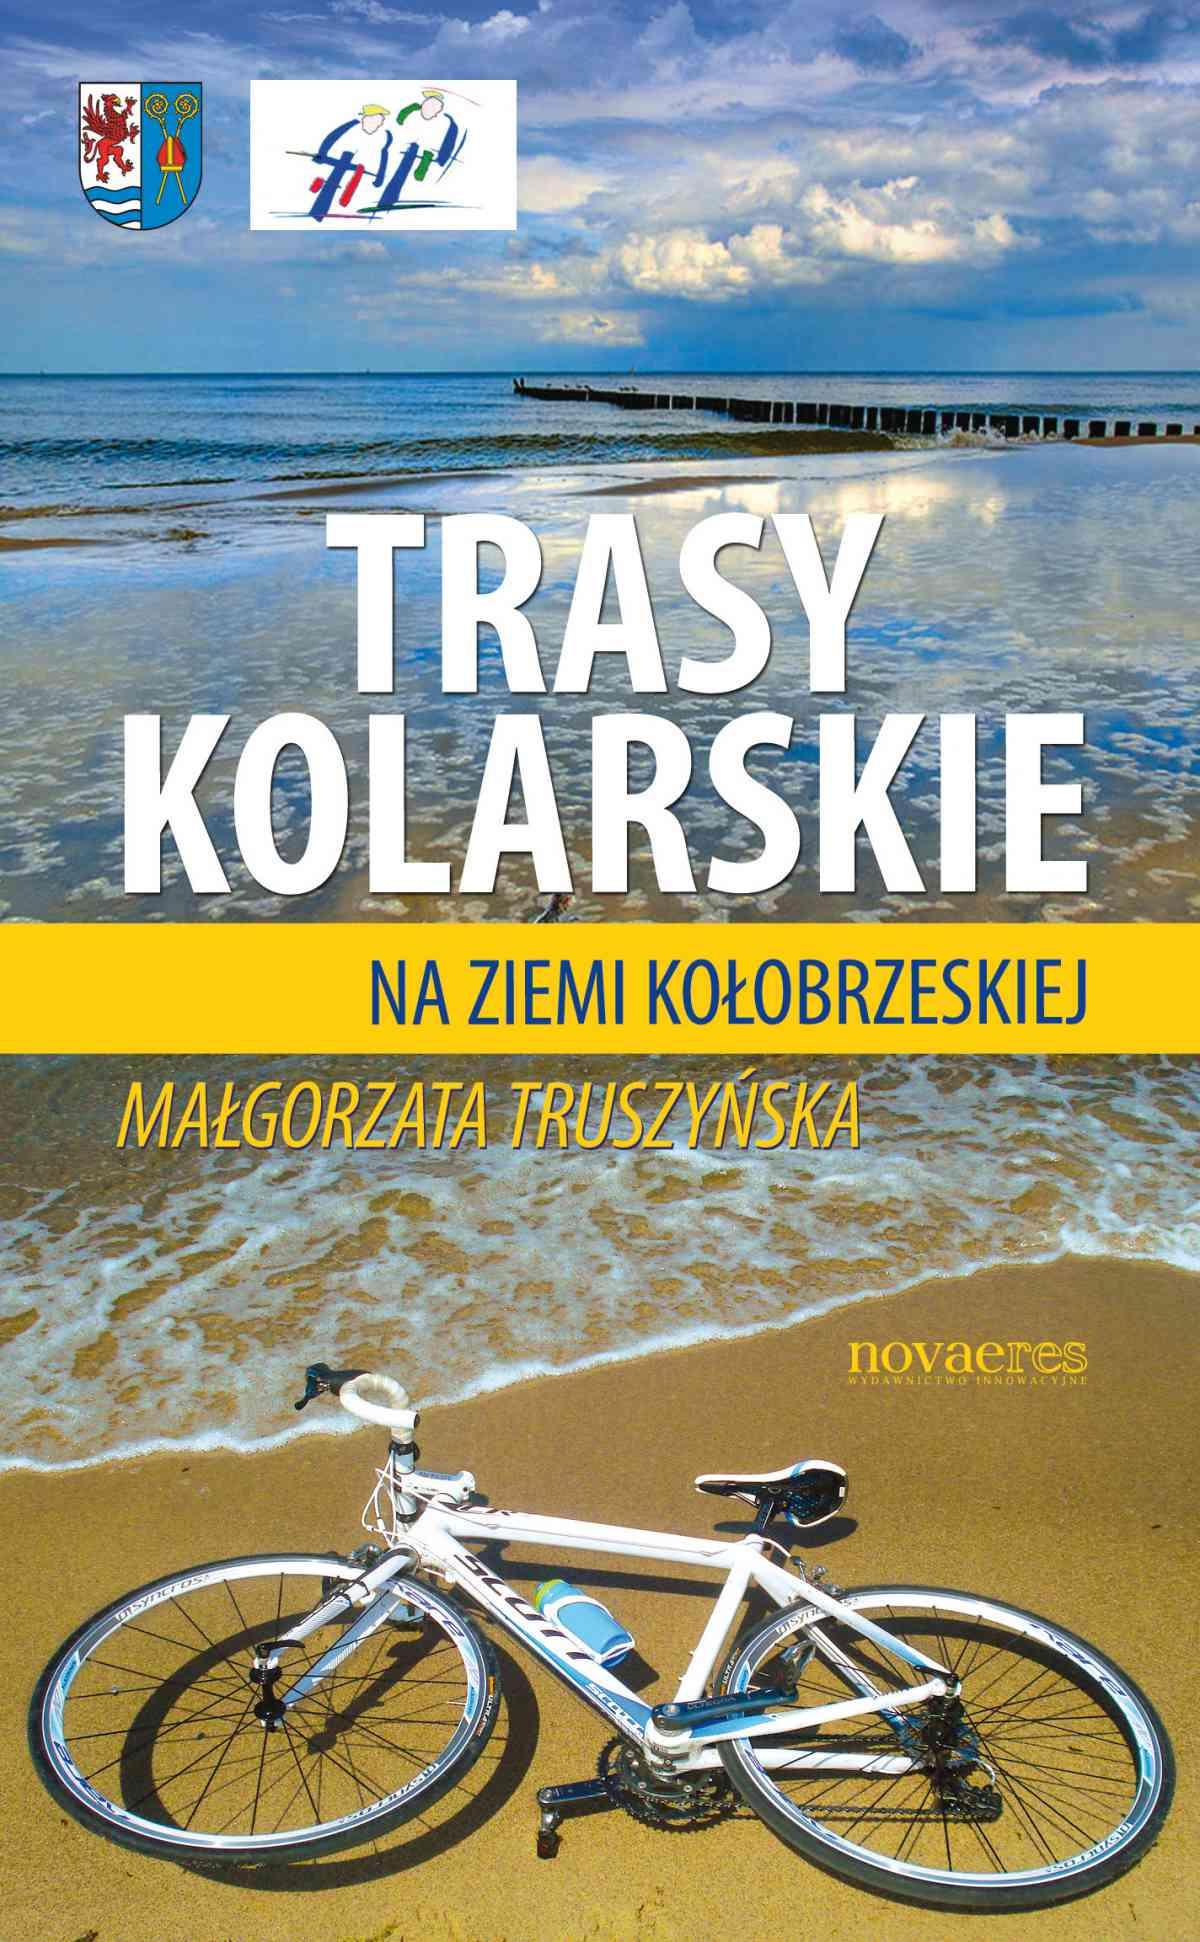 Trasy kolarskie na ziemi kołobrzeskiej - Ebook (Książka EPUB) do pobrania w formacie EPUB